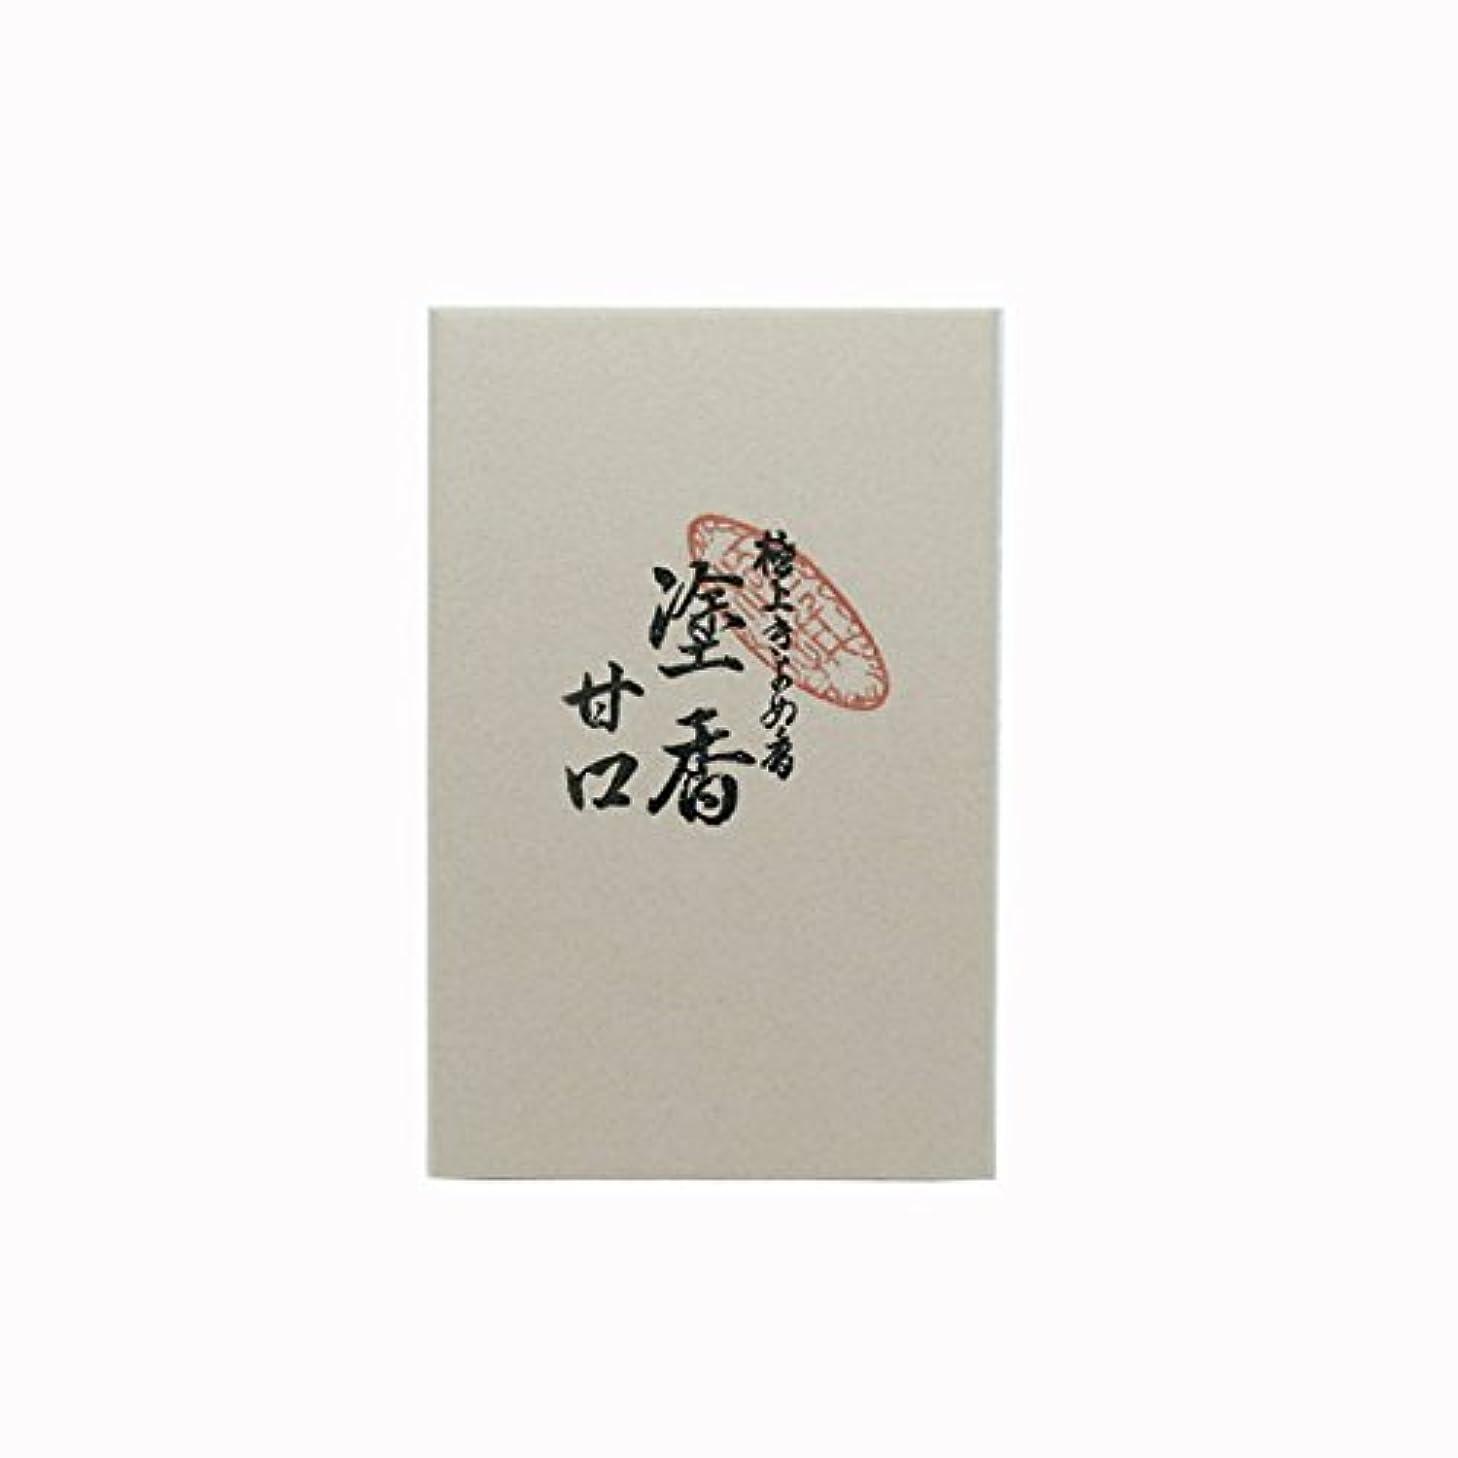 安全リングインポート塗香(甘口) 12g入